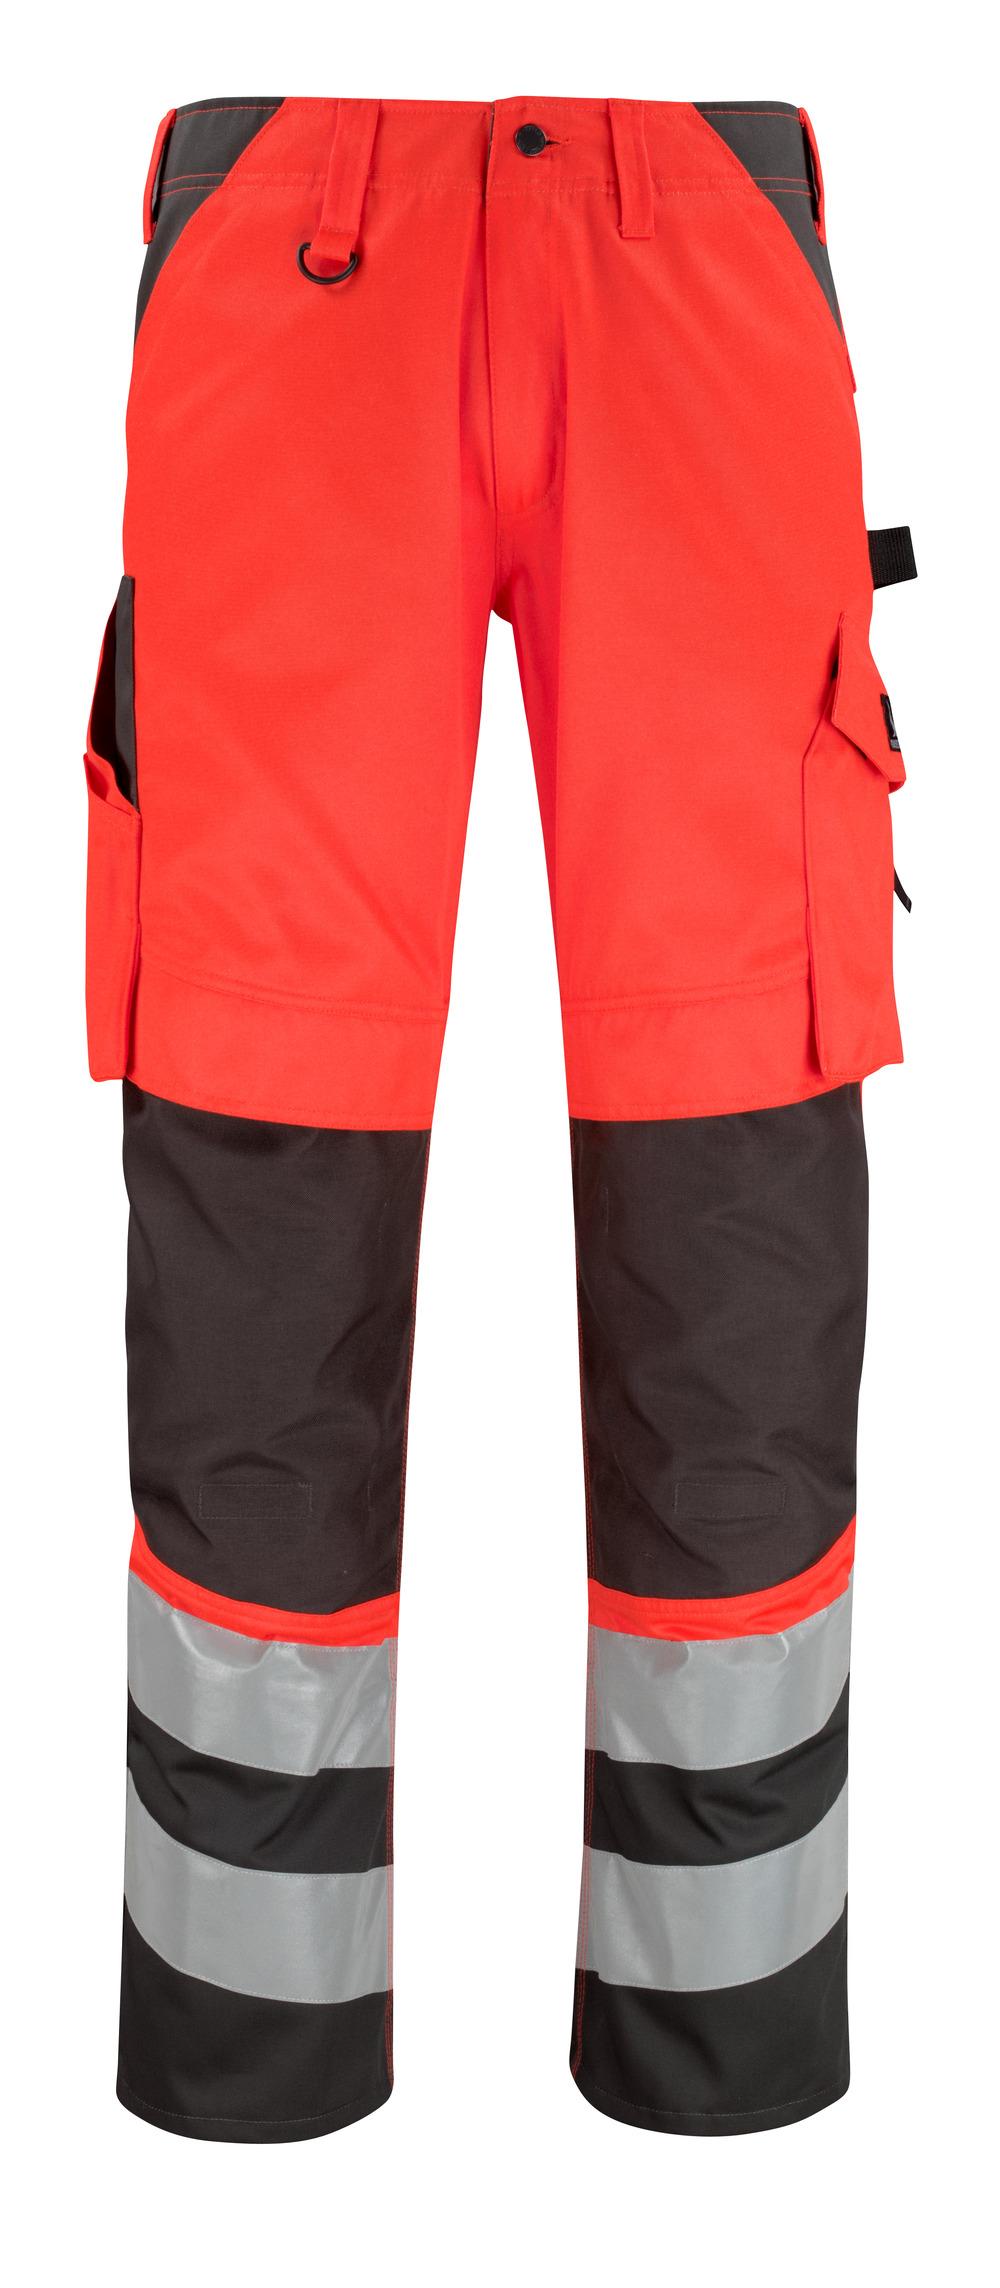 14979-860-A49 Pantaloni con tasche porta-ginocchiere - rosso hi-vis/antracite scuro